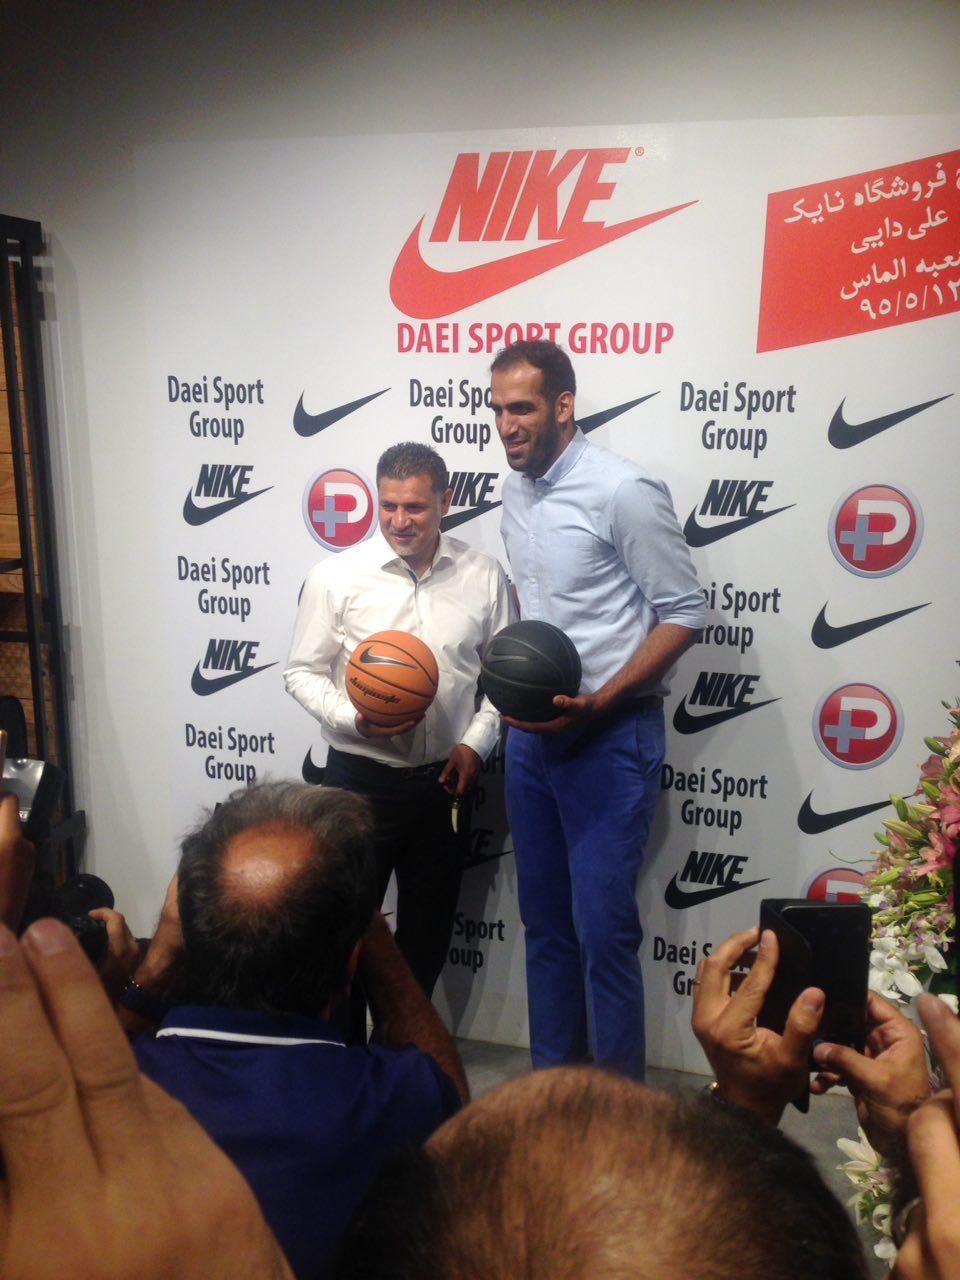 ستاره بسکتبال در افتتاحیه فروشگاه جدید دایی